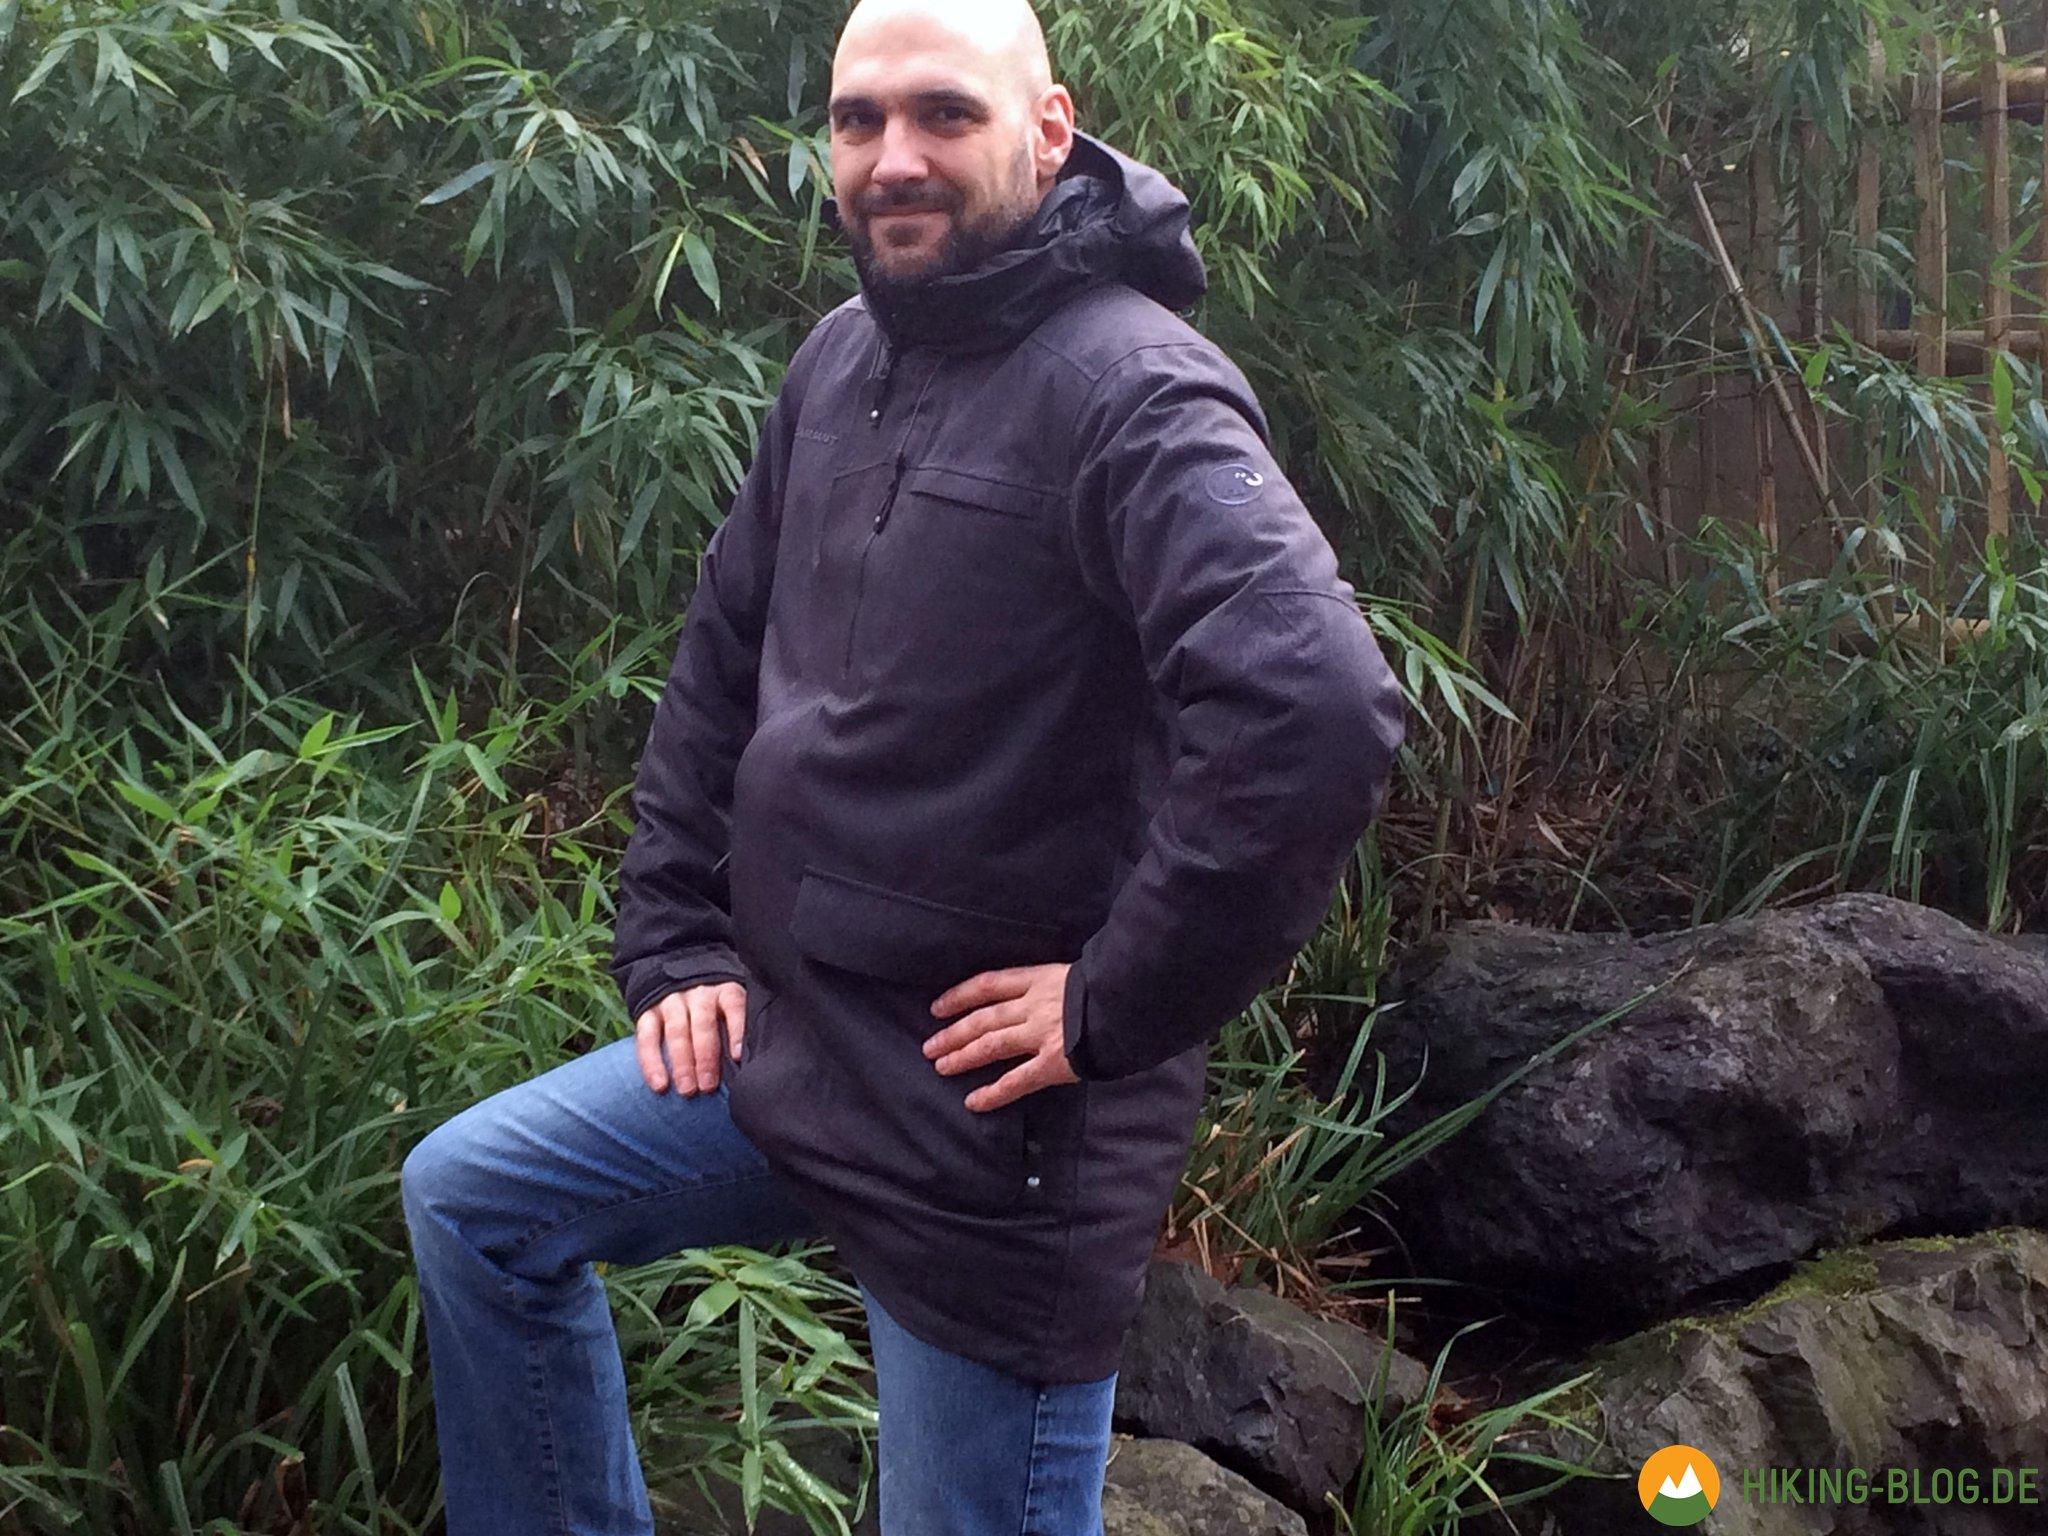 new concept d0e03 cd1dd Praxistest: Mammut Trovat HS Parka - Hiking Blog